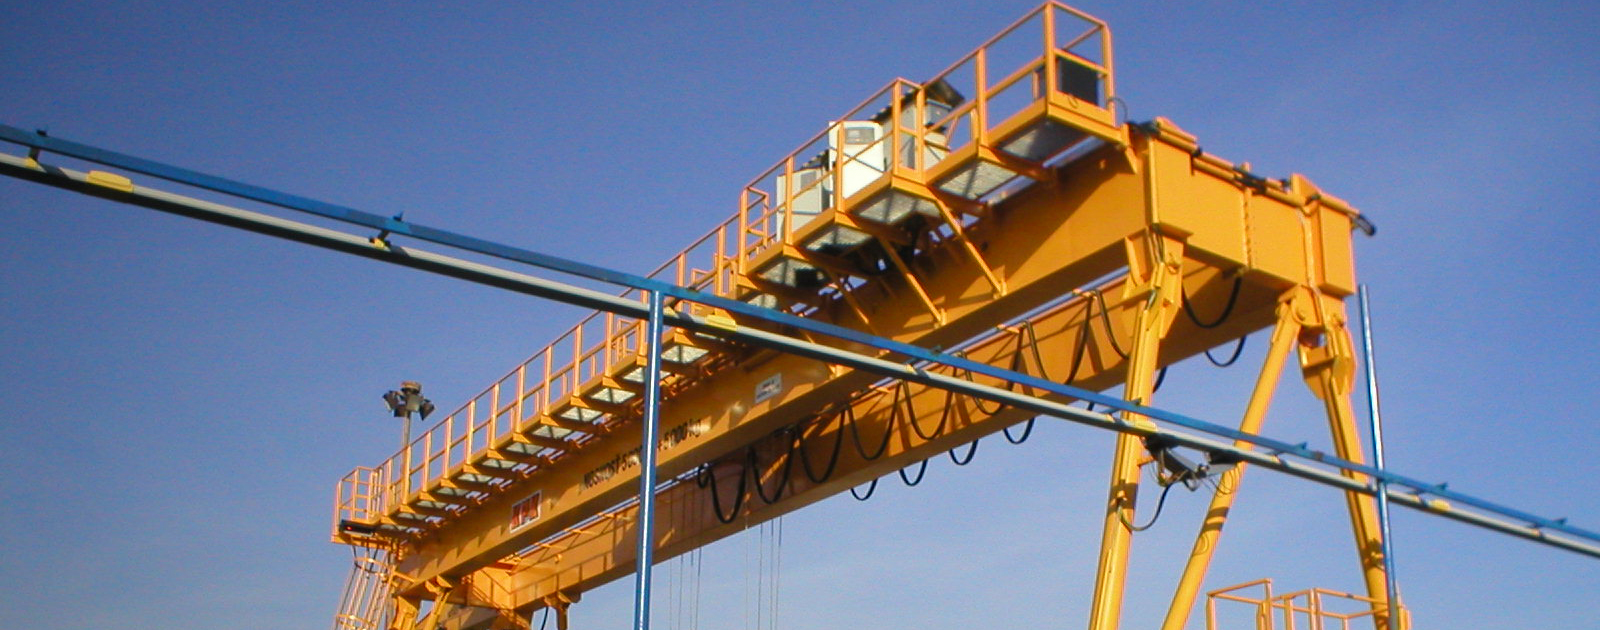 Double girder portal cranes